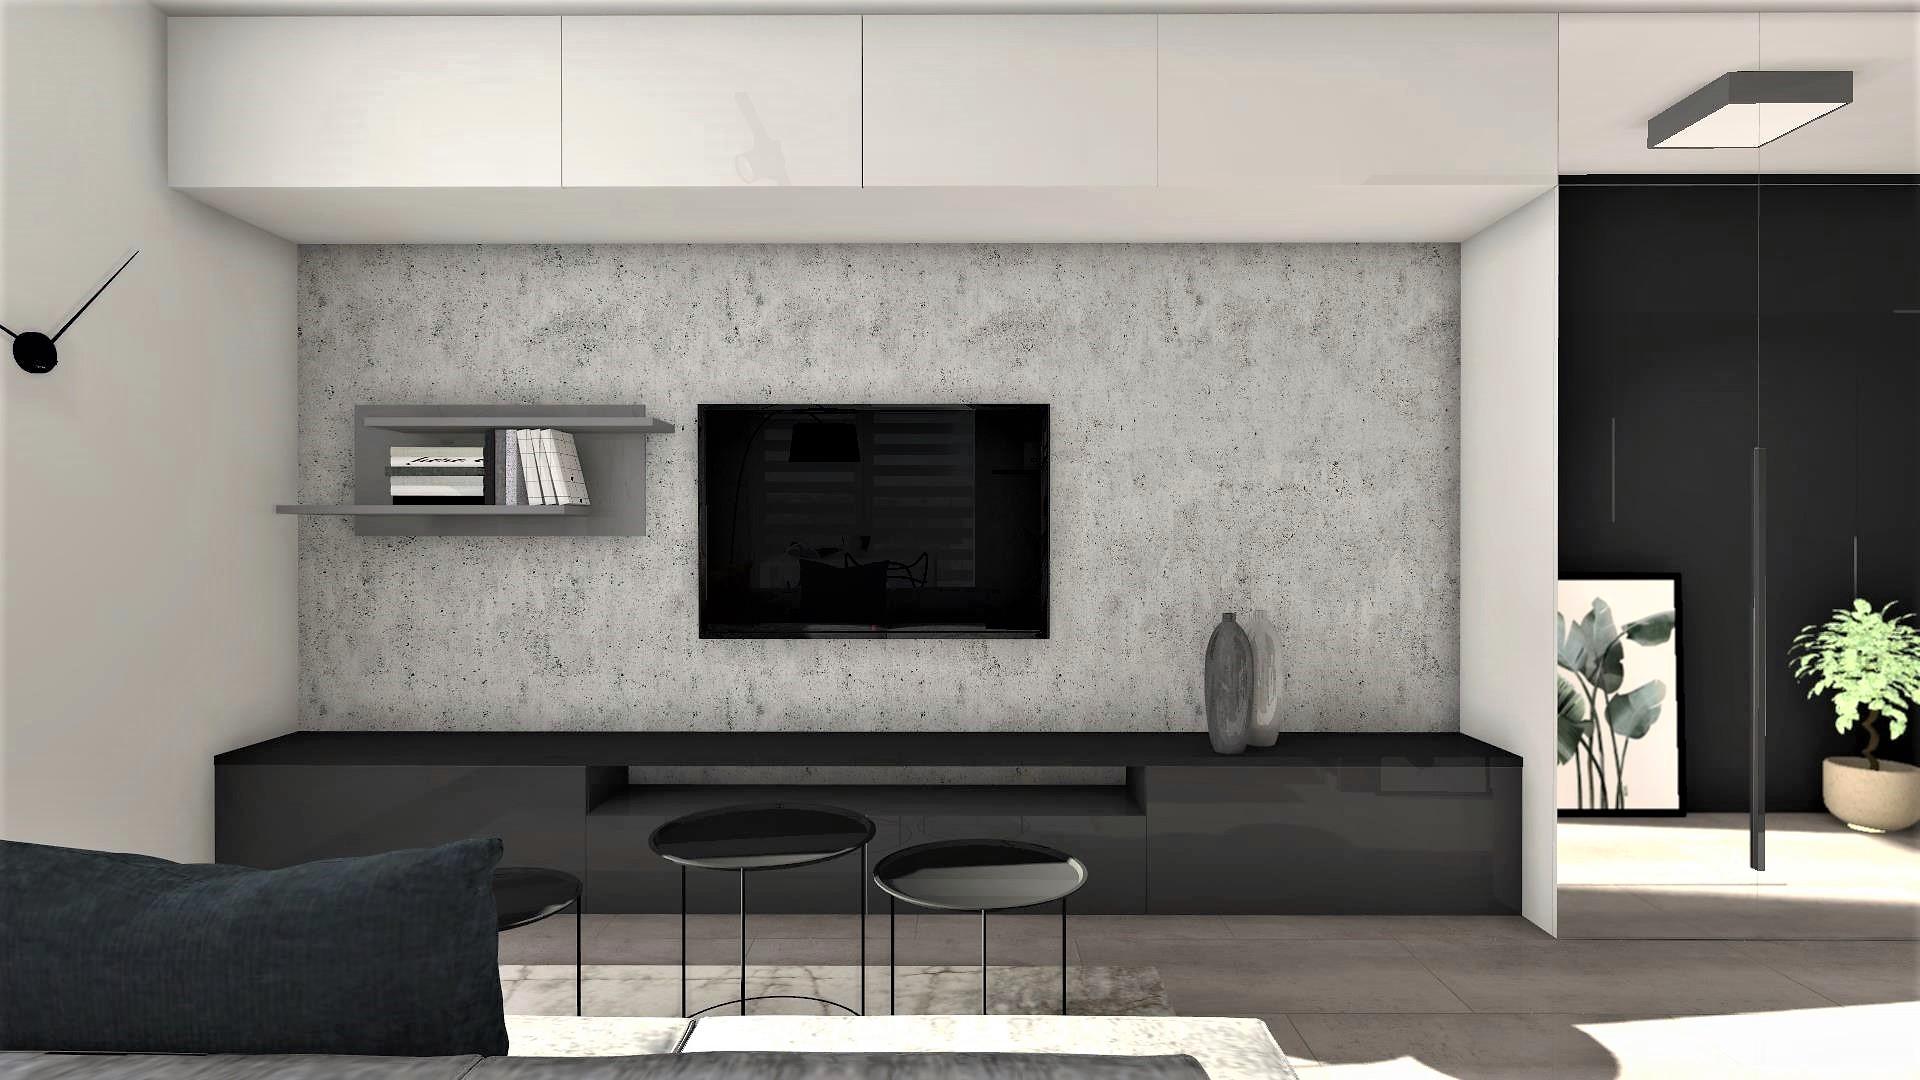 projekt_mieszkania_wnętrze_Lubin_Designbox_Małek_głogów